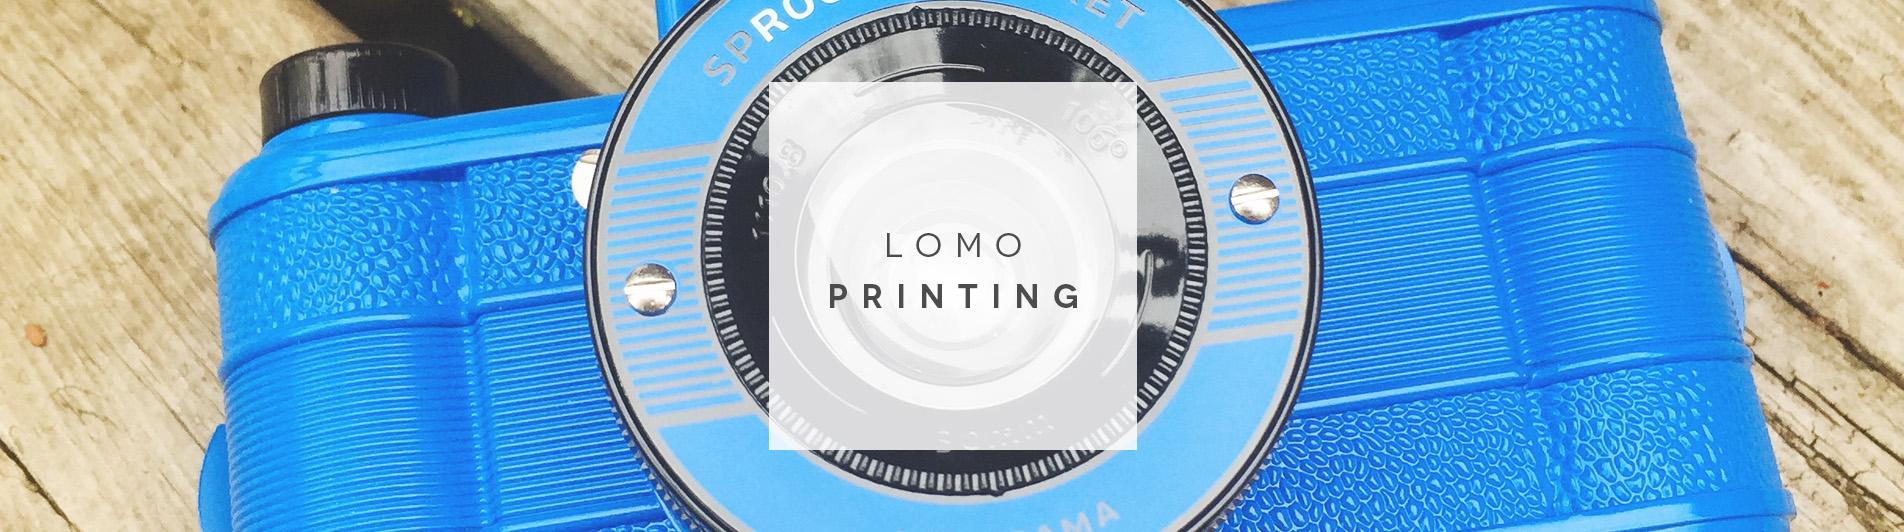 Lomo Printing